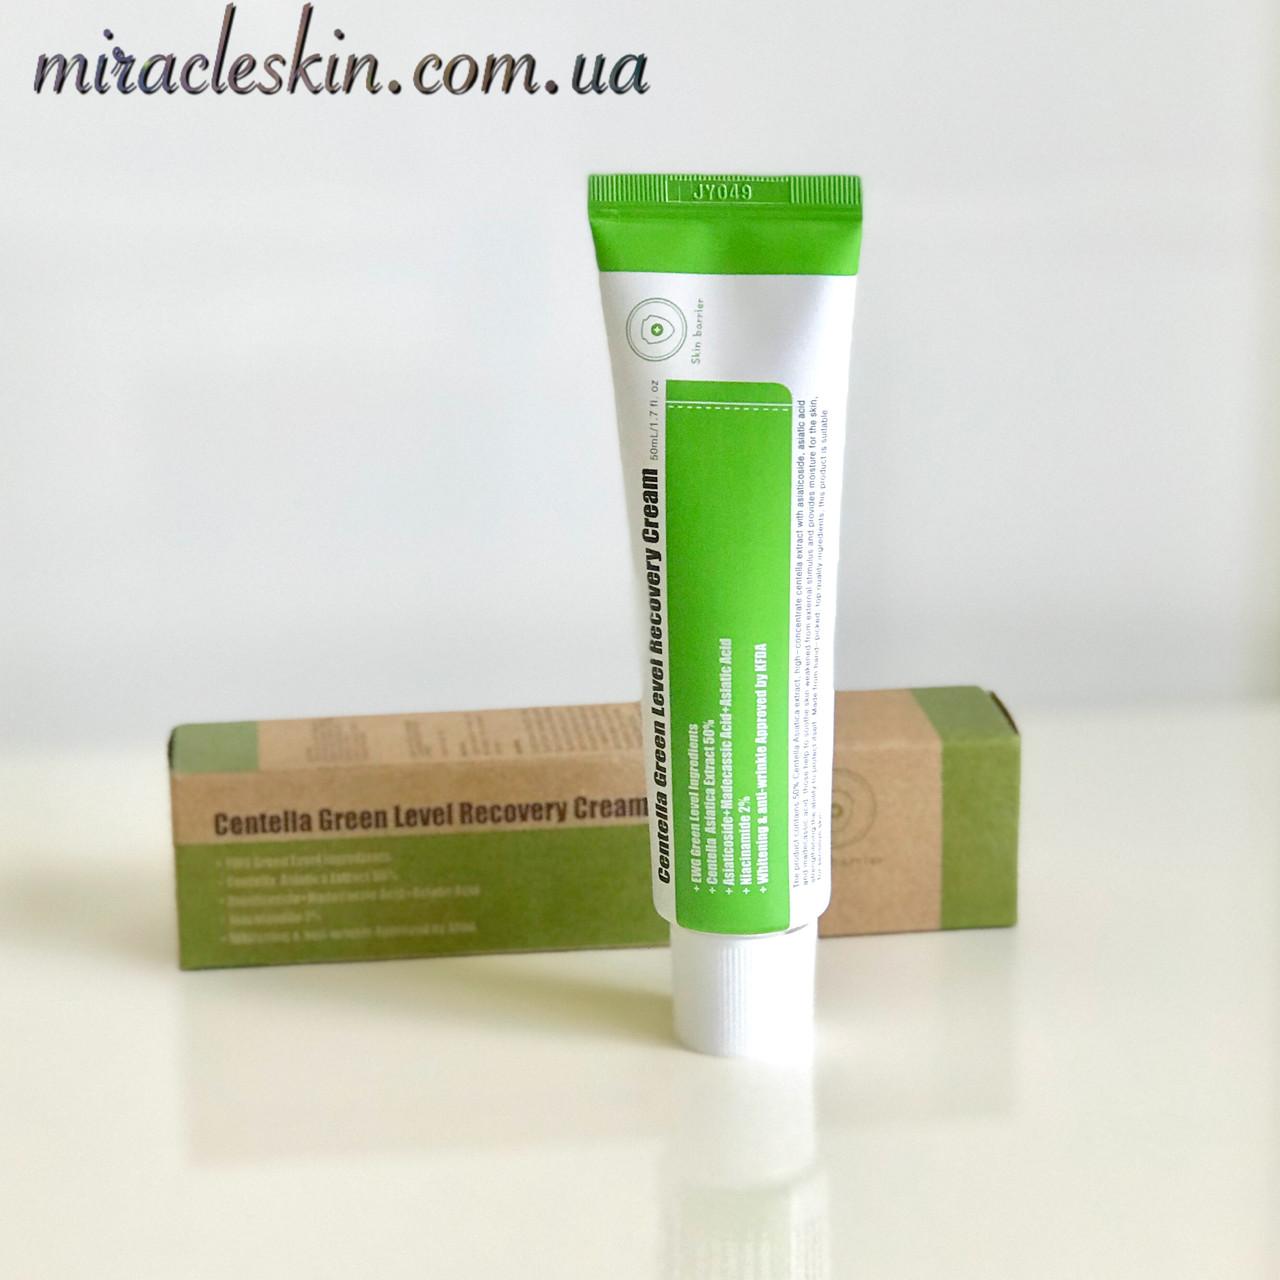 Восстанавливающий и успокаивающий крем PURITO Centella Green Level Recovery Cream, 50ml